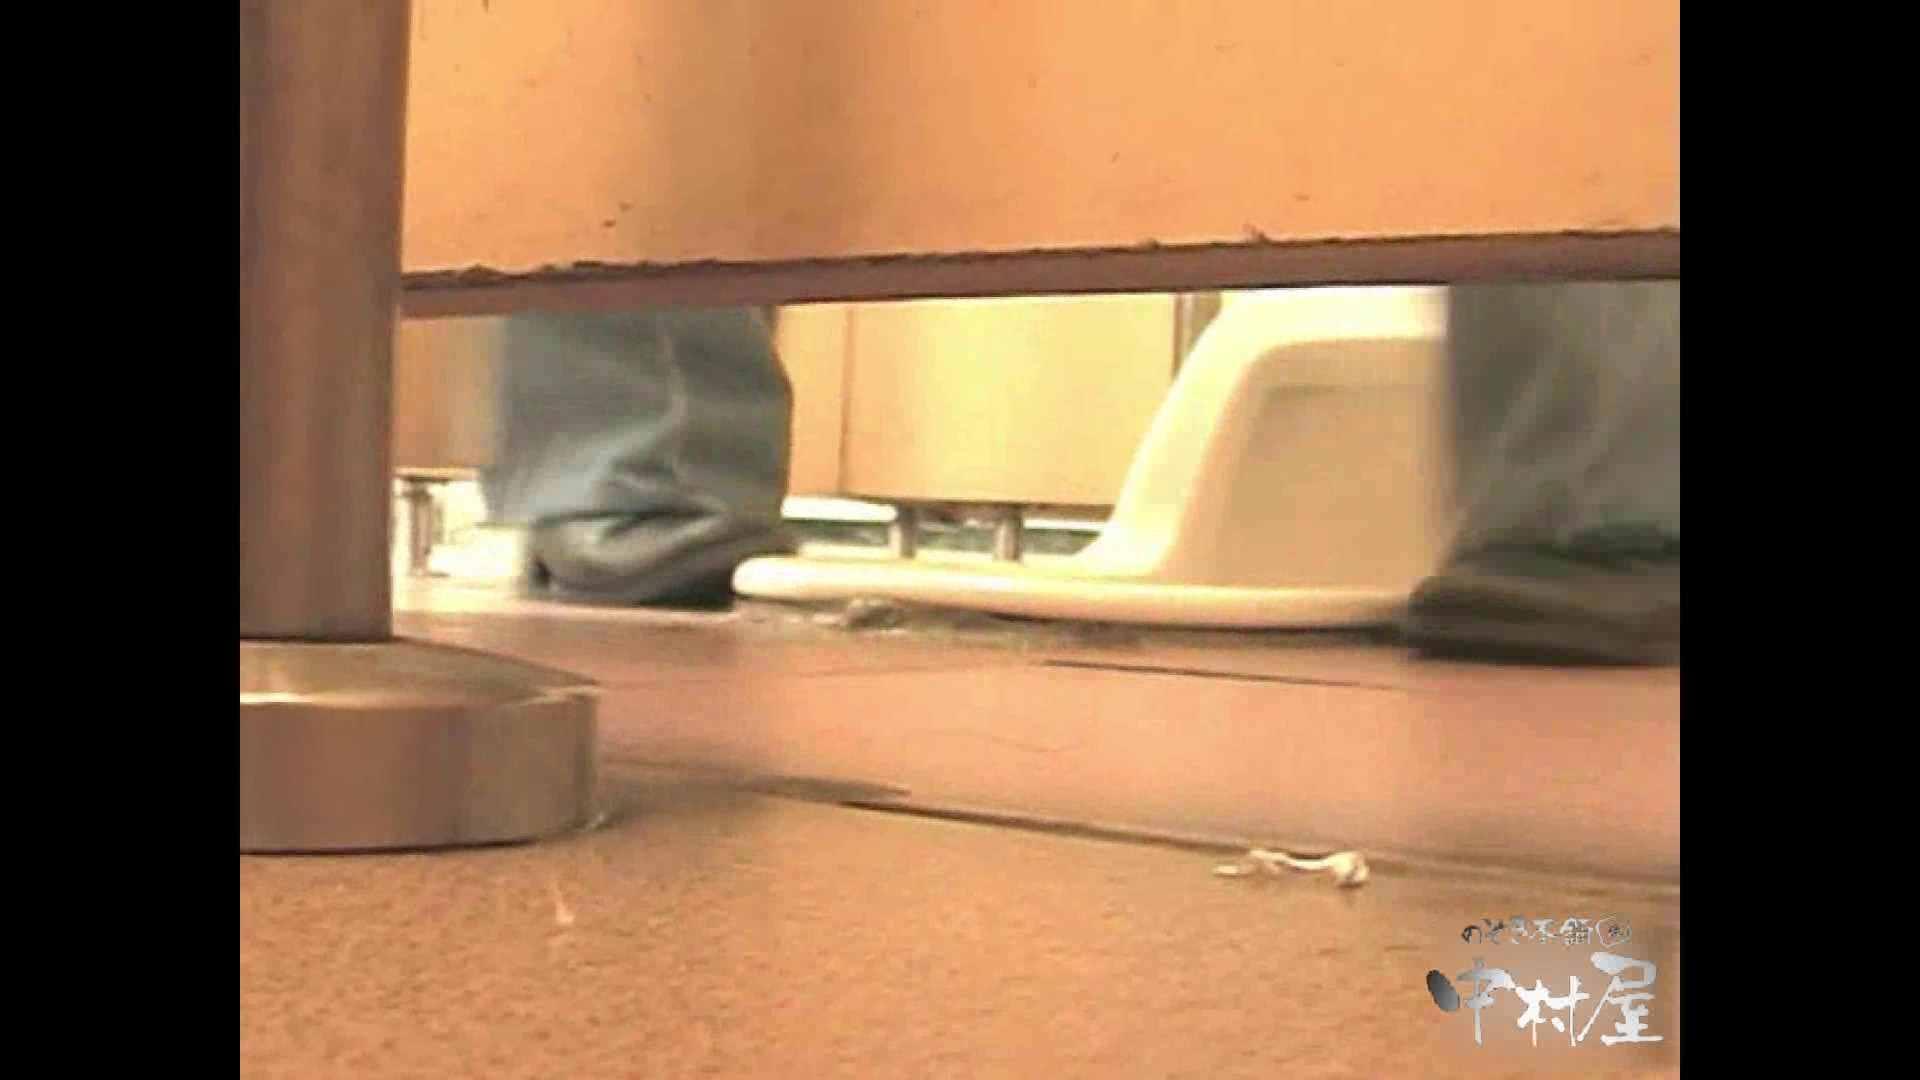 岩手県在住盗撮師盗撮記録vol.01 モロだしオマンコ 隠し撮りオマンコ動画紹介 98pic 44